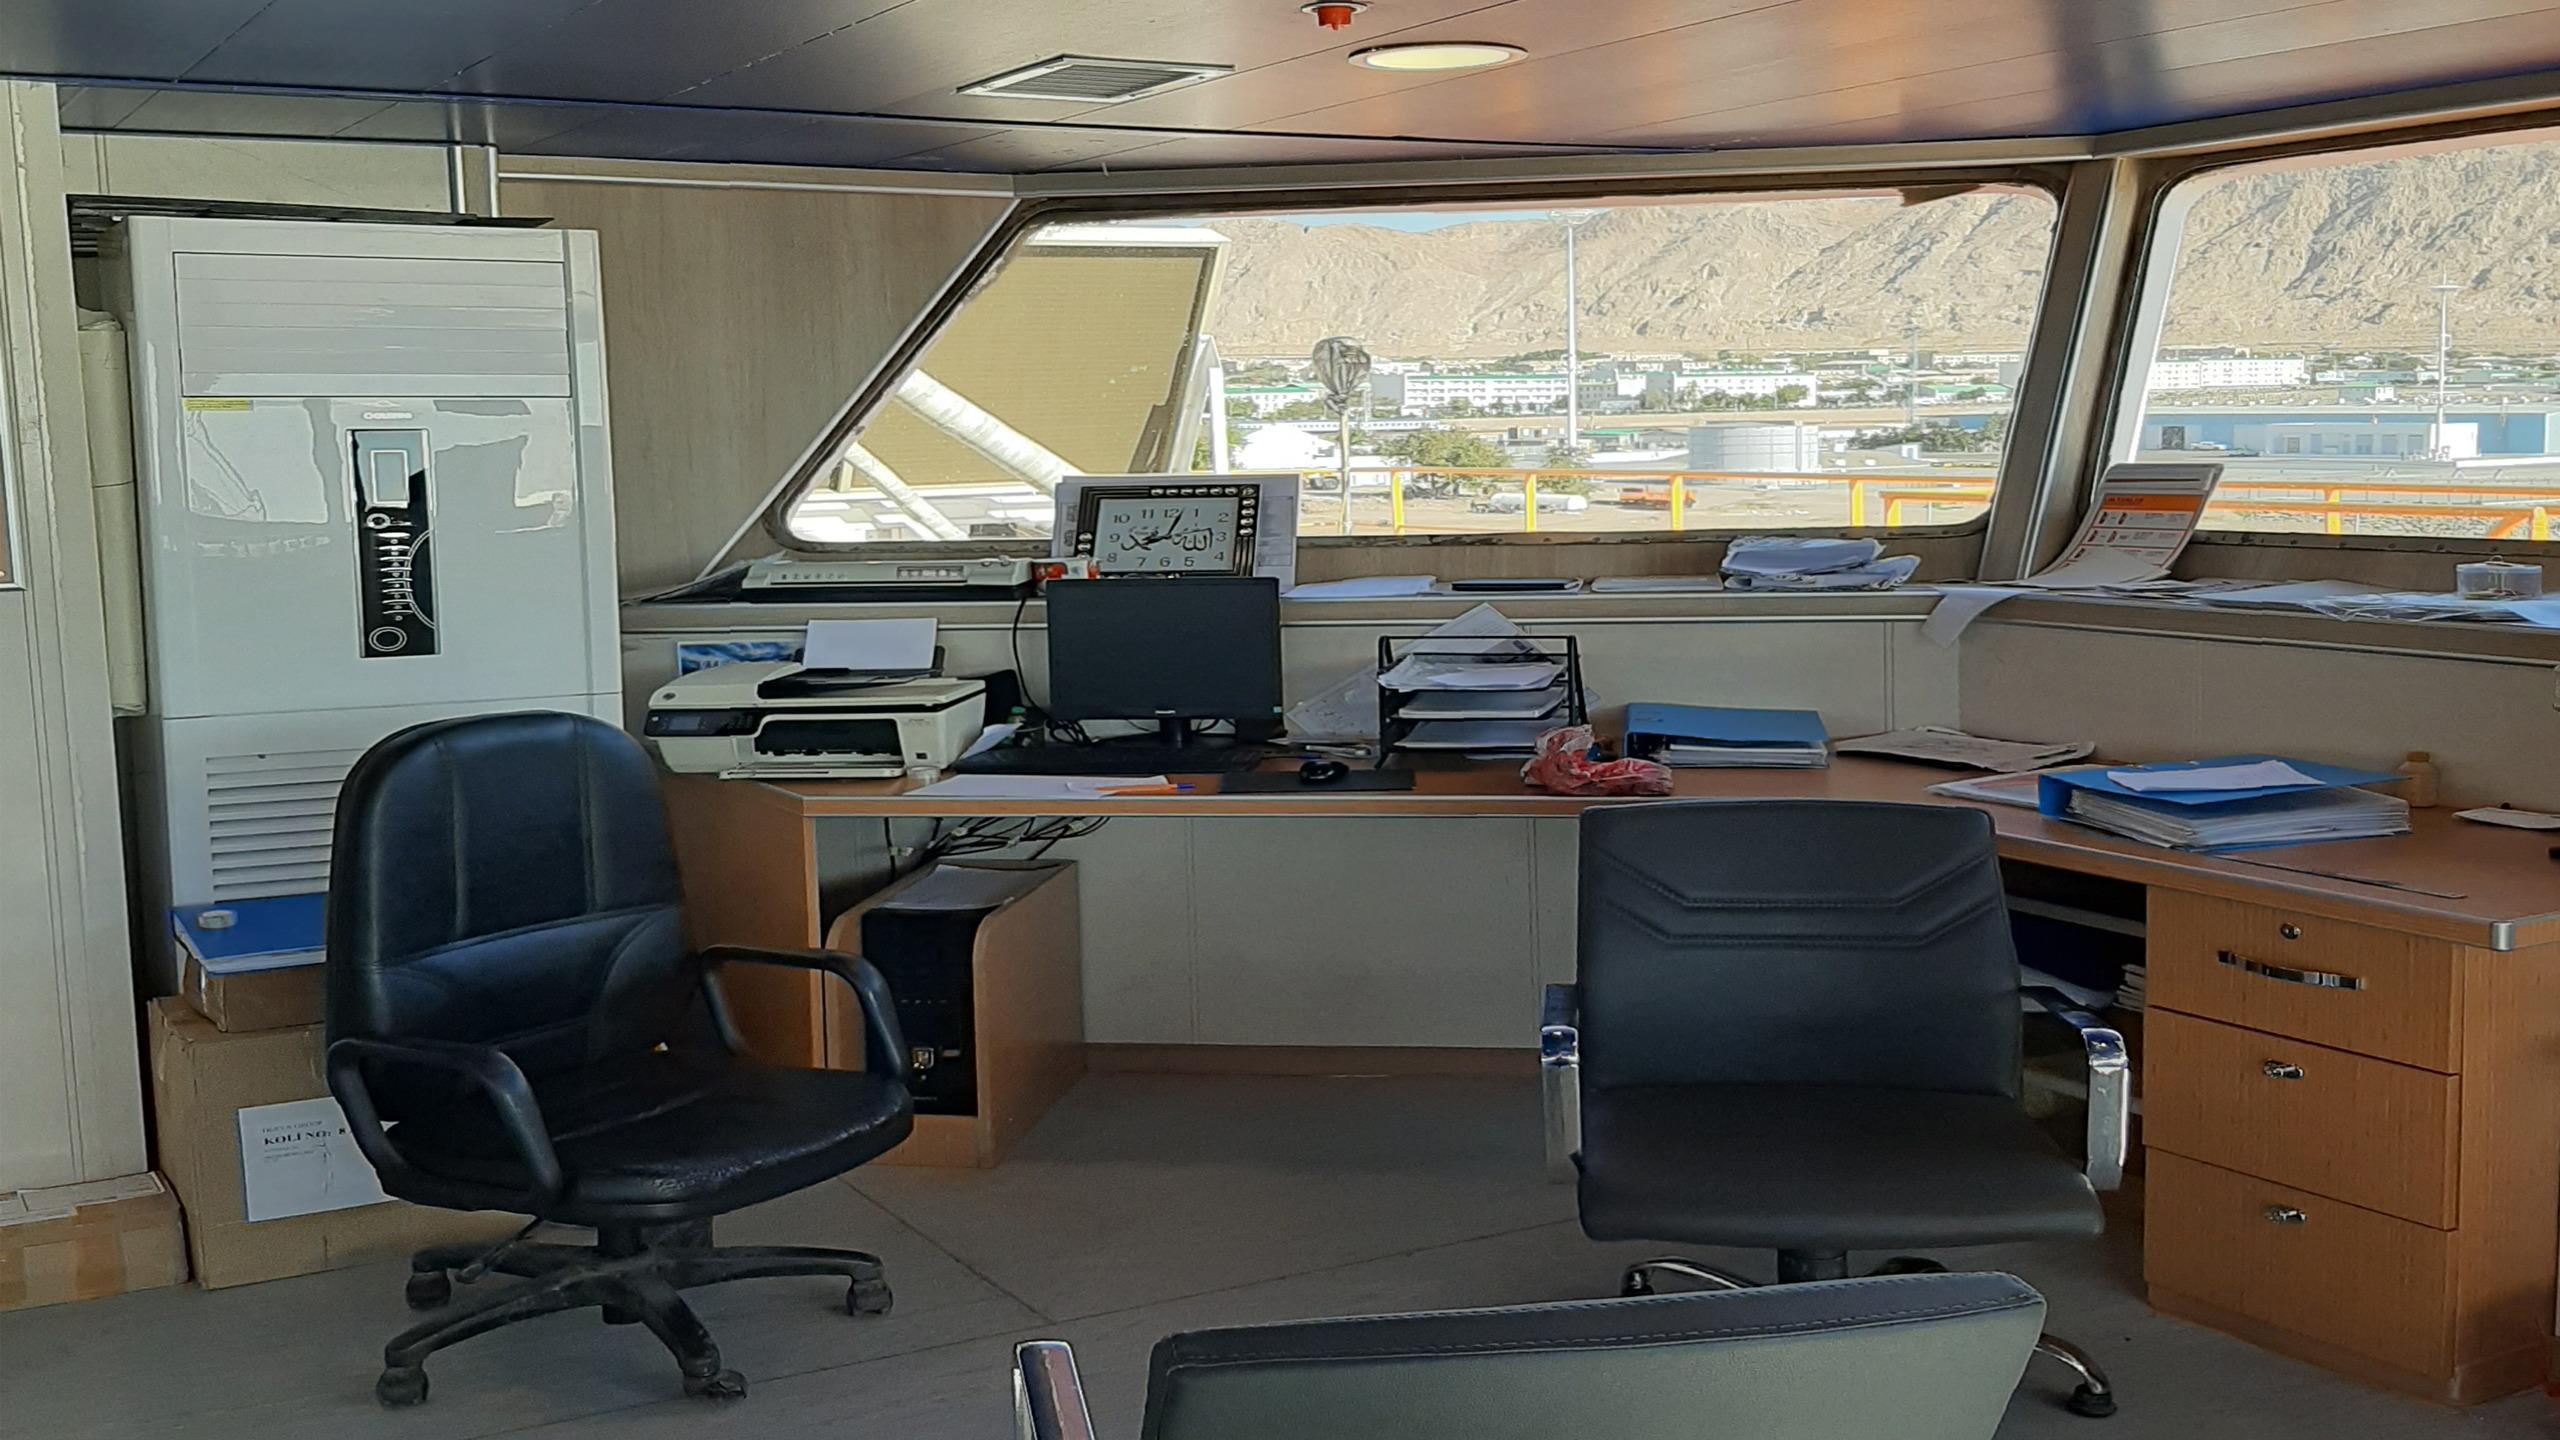 Captain Lychkin – 239 Kişilik Yaşam Alanı Projesi